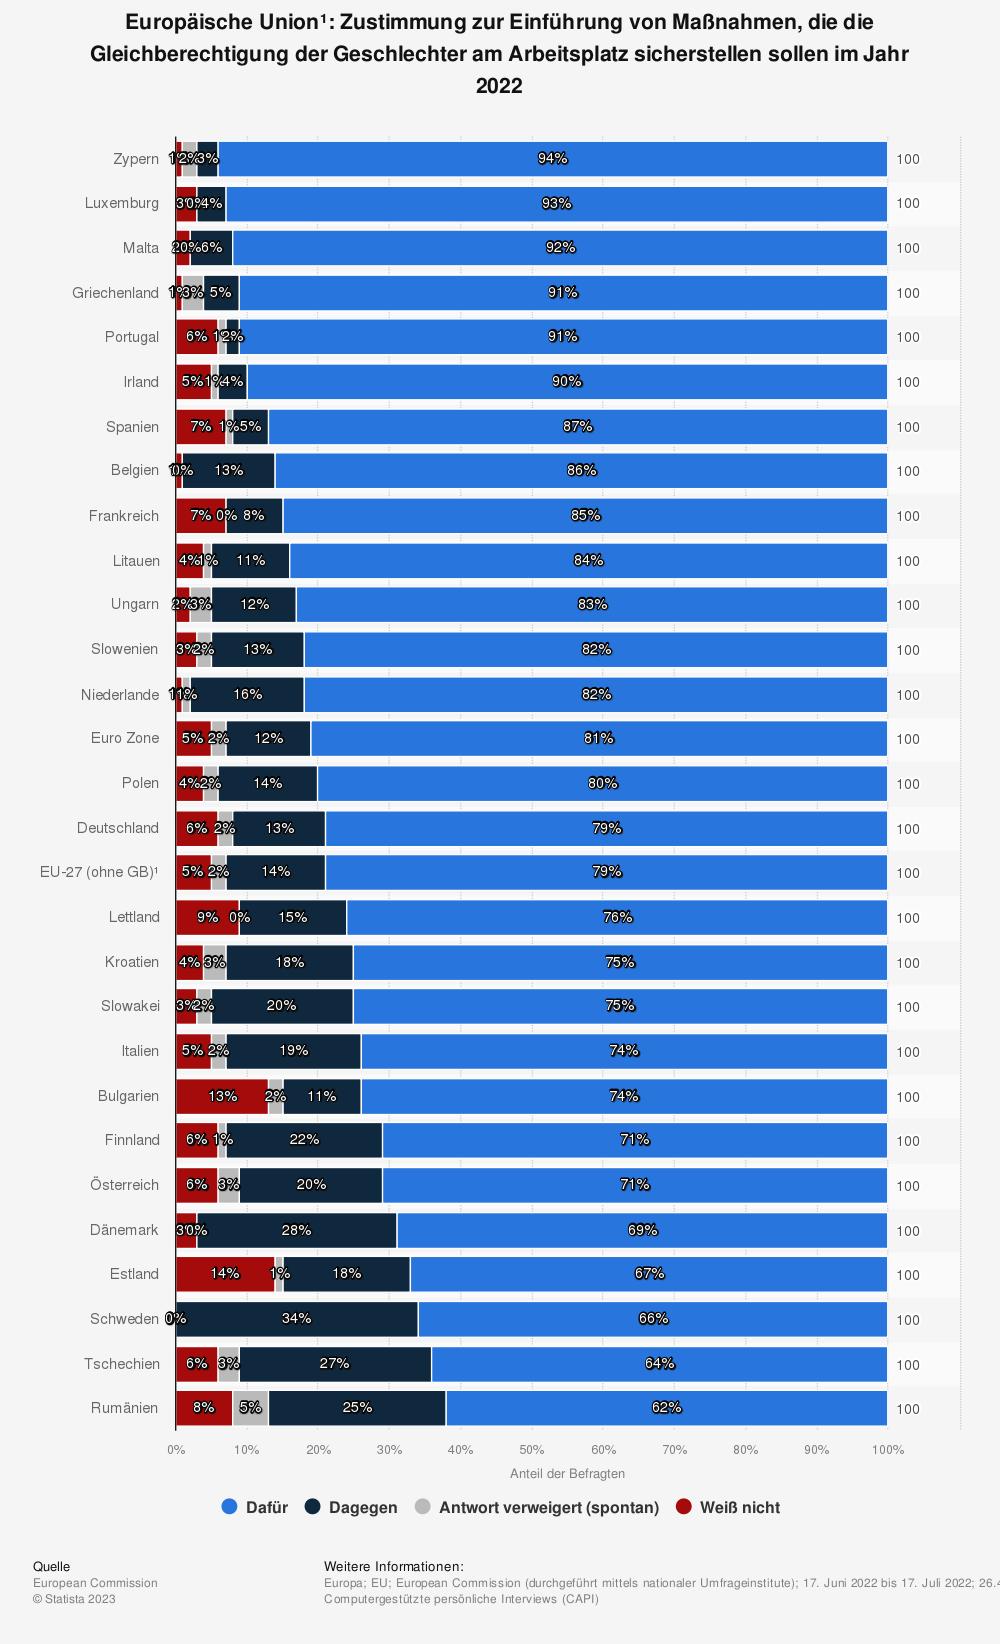 Statistik: Europäische Union¹: Zustimmung zur Einführung von Maßnahmen, die die Gleichberechtigung der Geschlechter am Arbeitsplatz sicherstellen sollen im Jahr 2021 | Statista